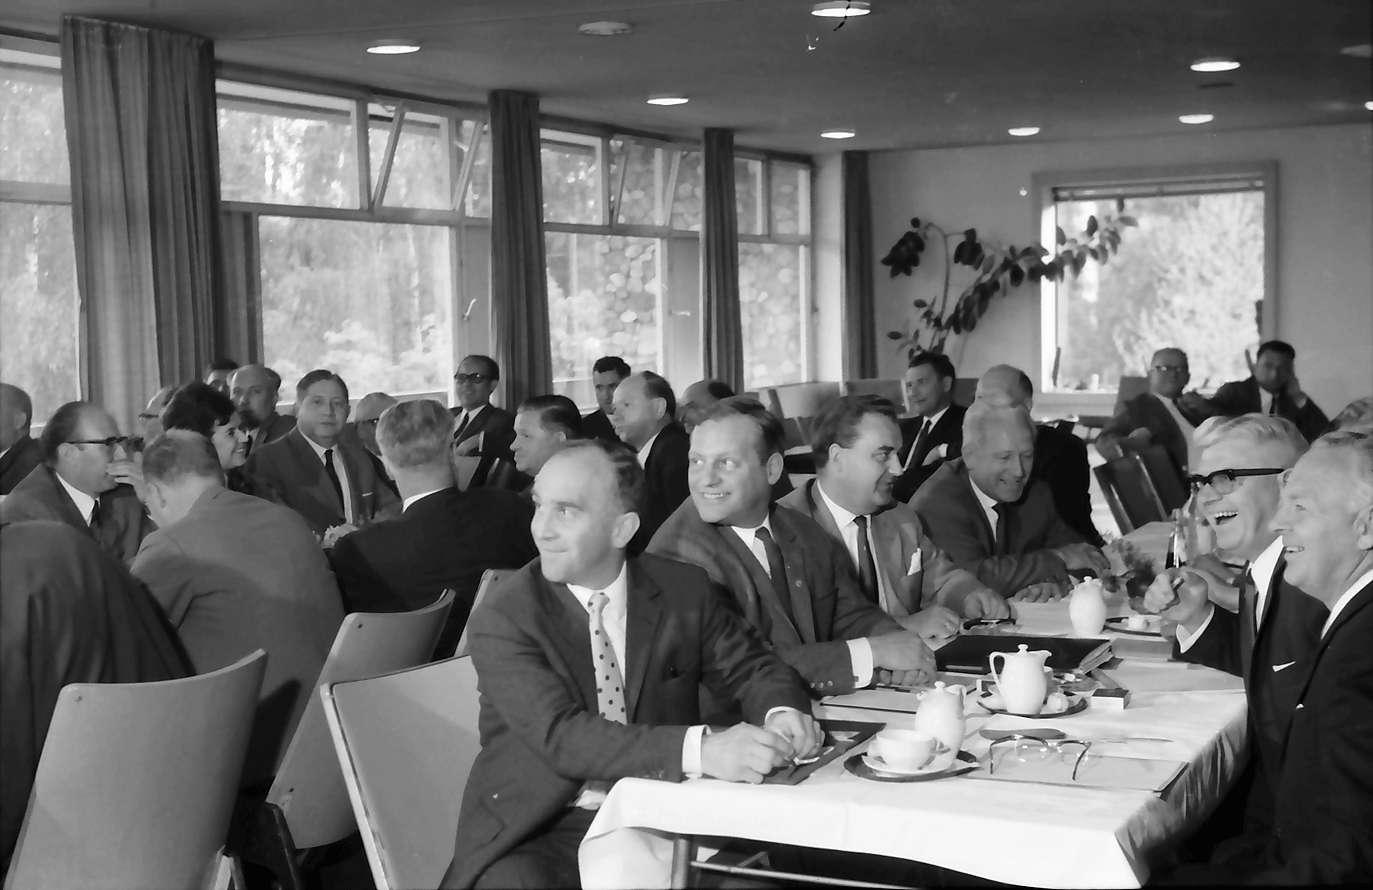 Kehl: Stadthalle; Vorstandsmitglieder an den Tischen, Bild 1